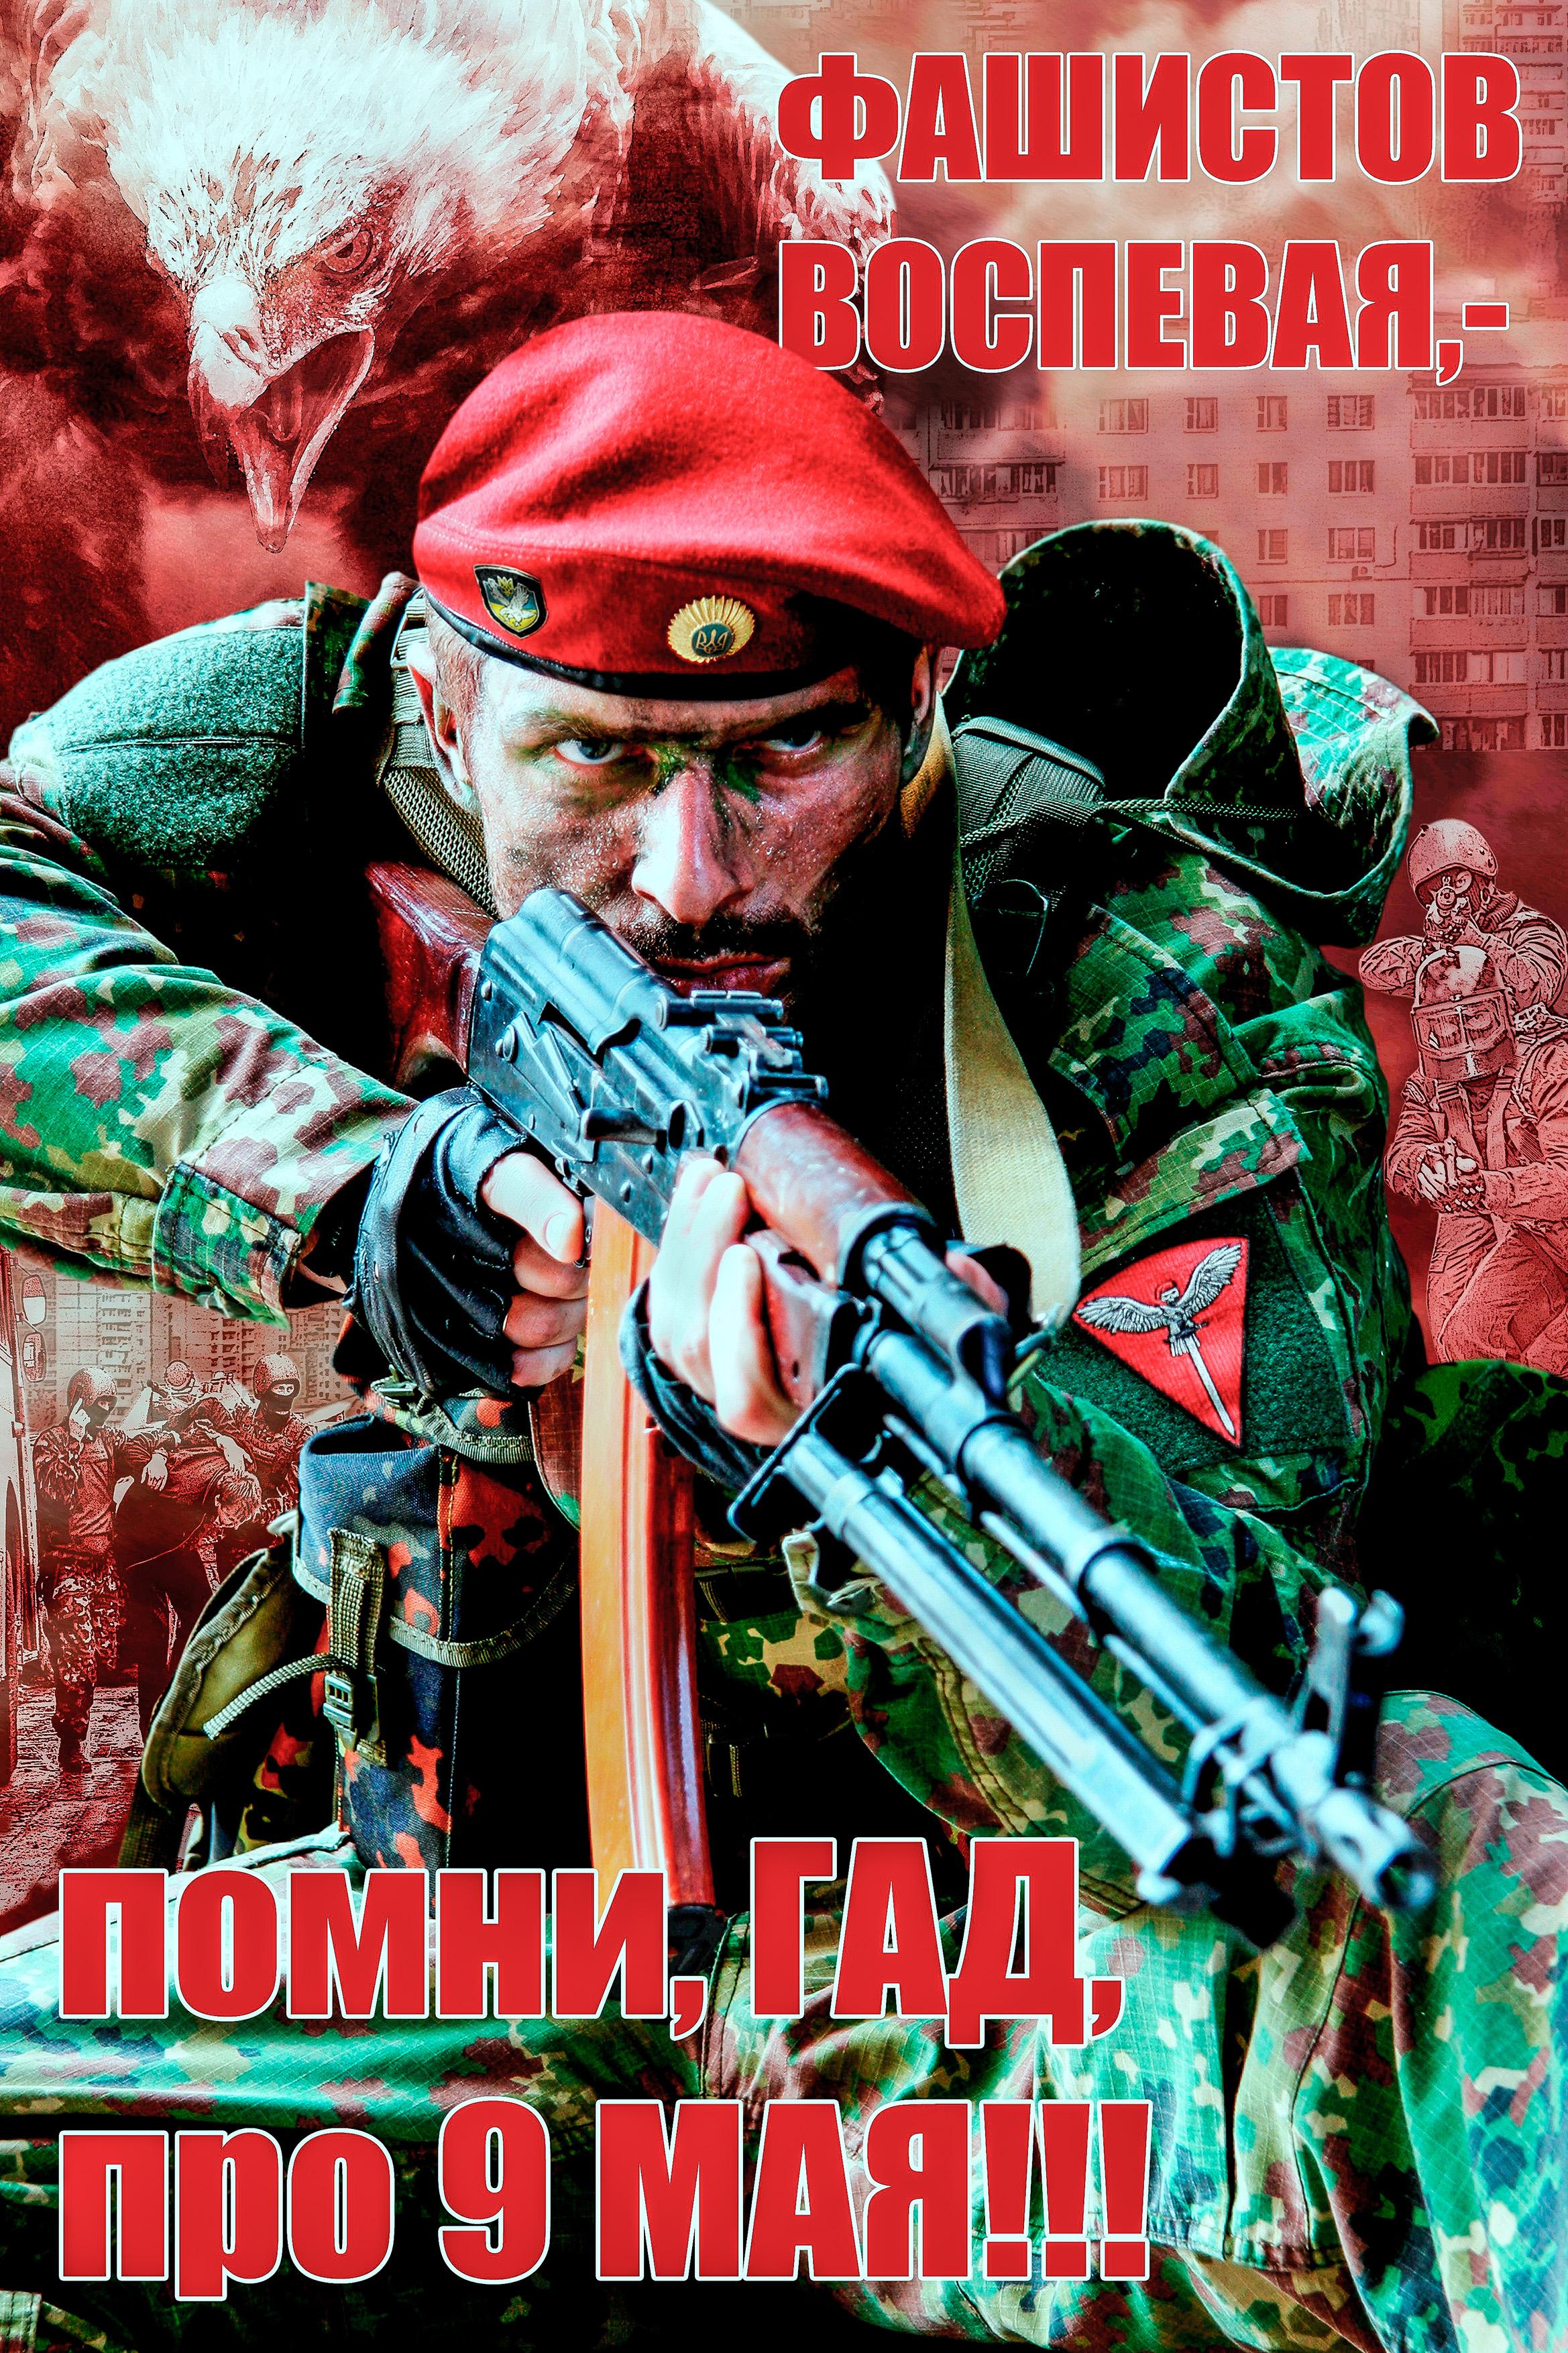 Плакат (баннер), созданный Владимиром Крашевским, наворотах базы «Беркута» вСимферополе. Весна 2014года